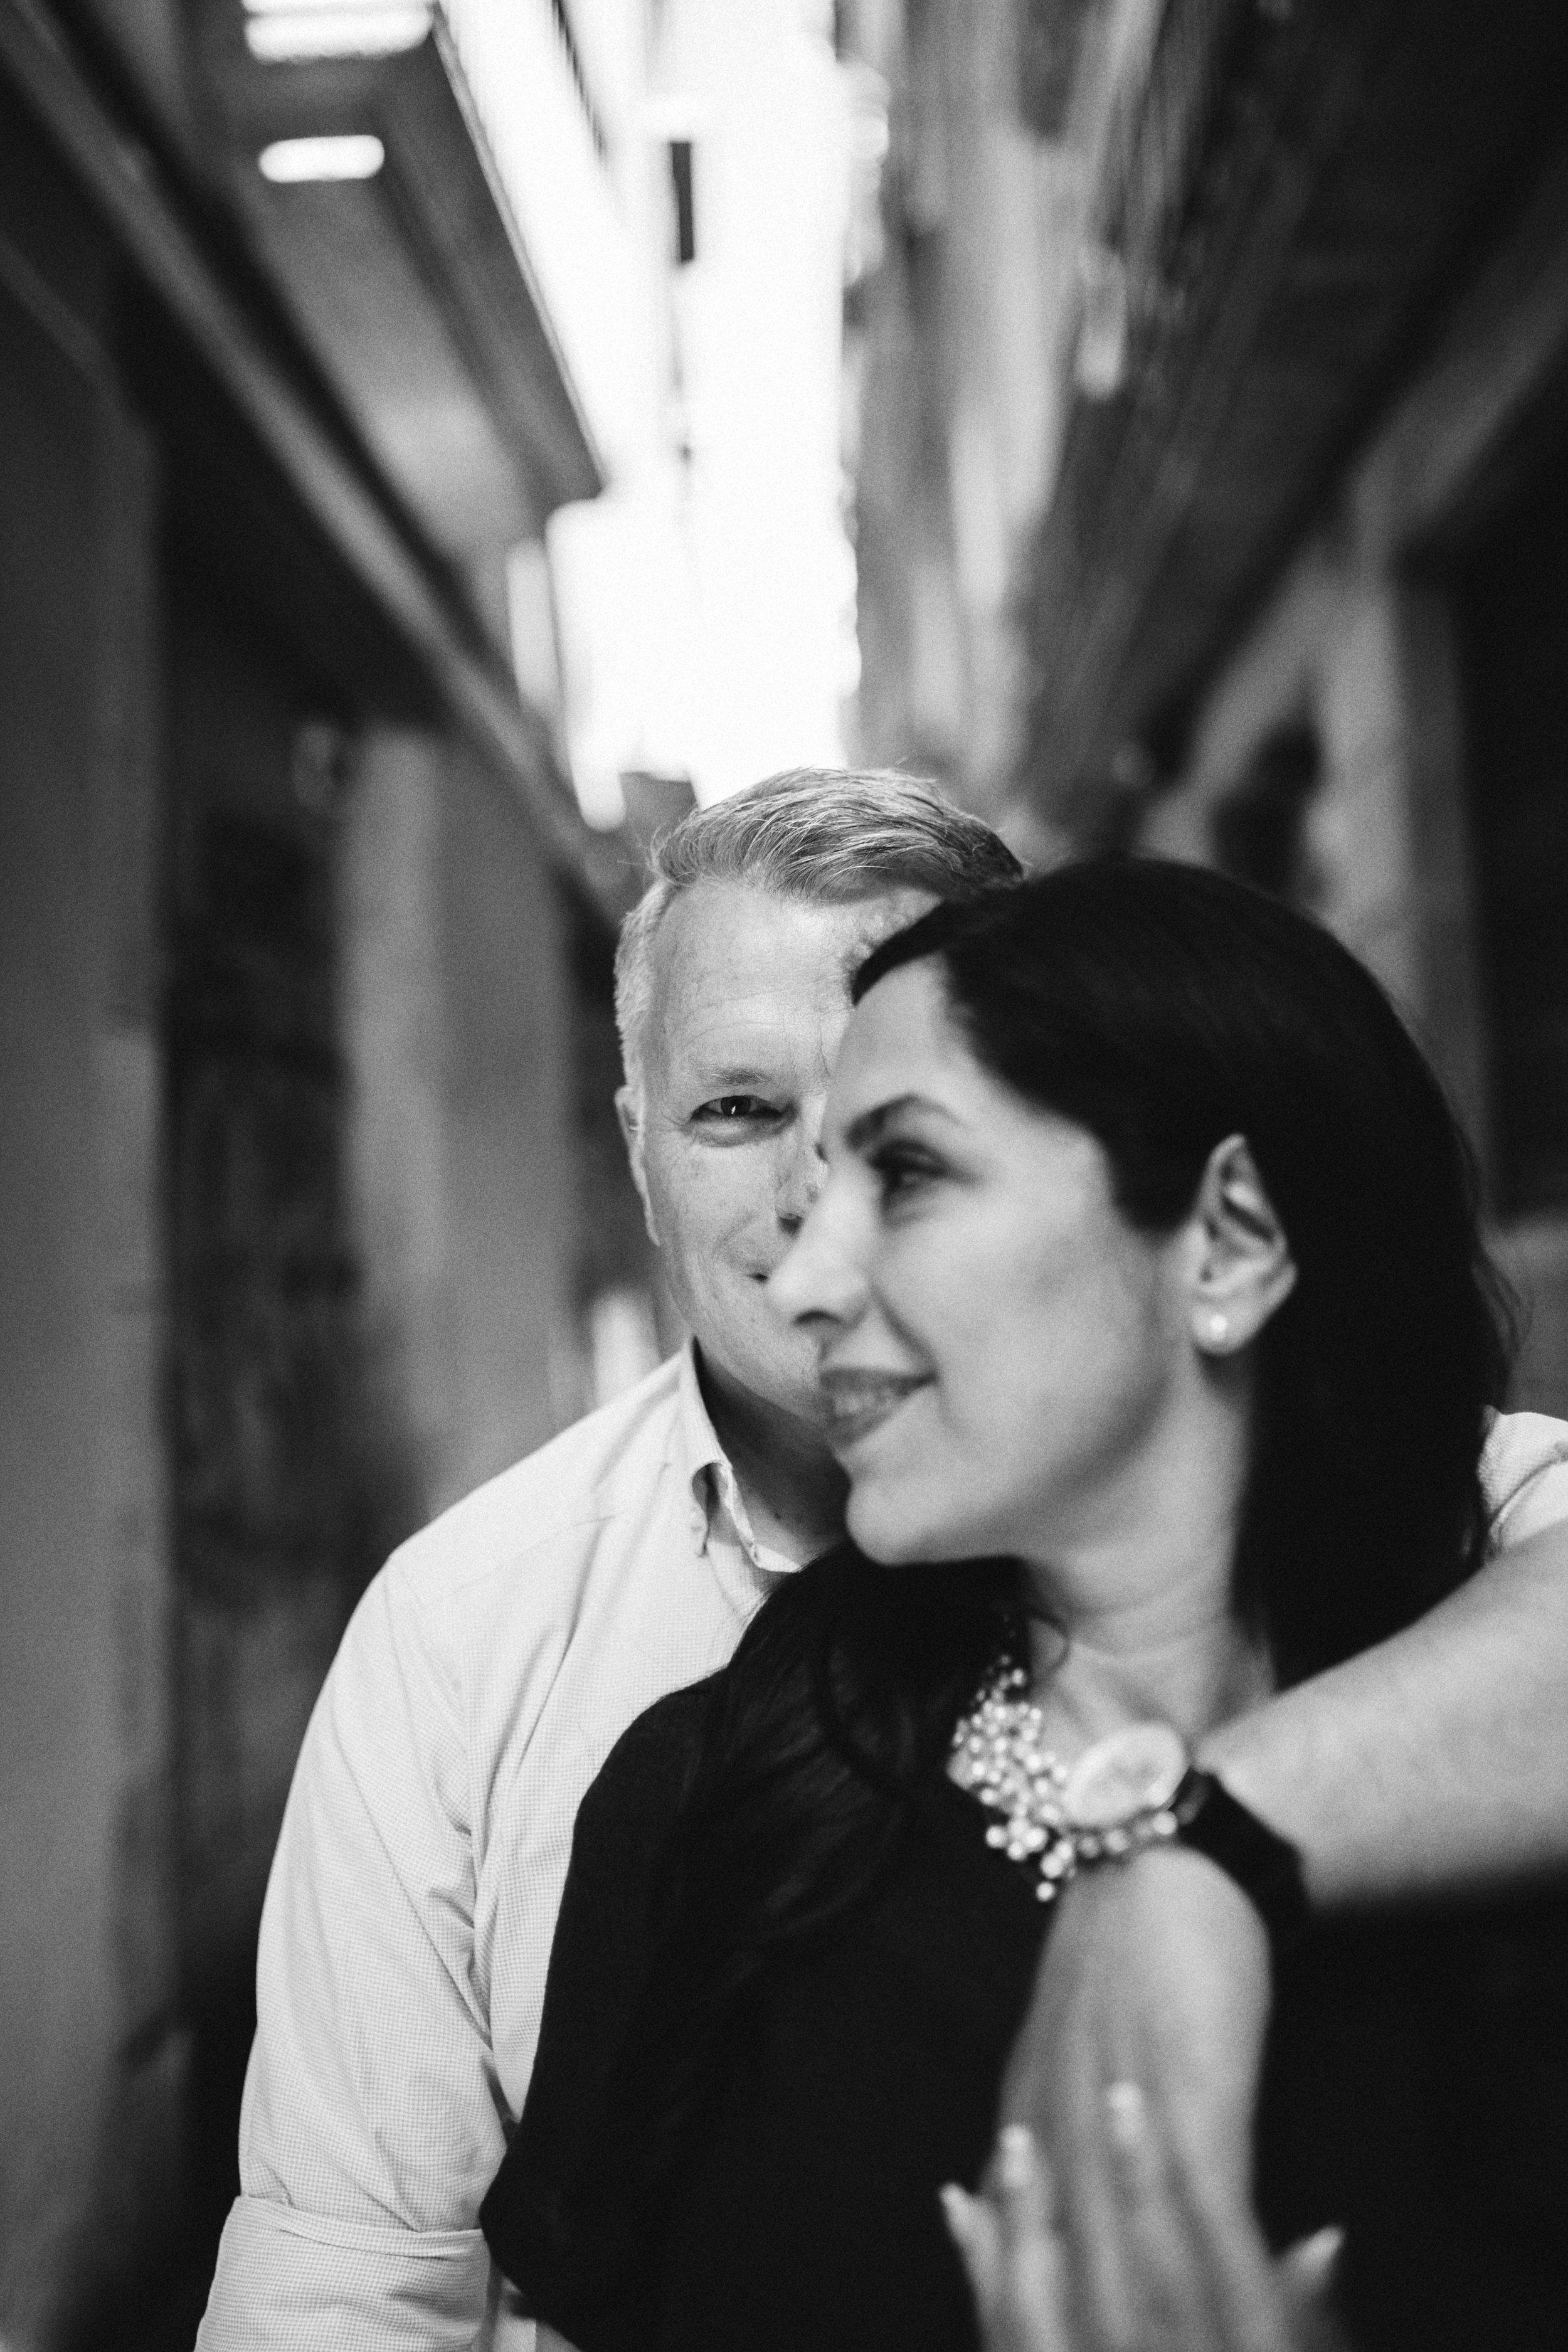 hombre mirando fíjamente abrazando a mujer que mira a un lado.